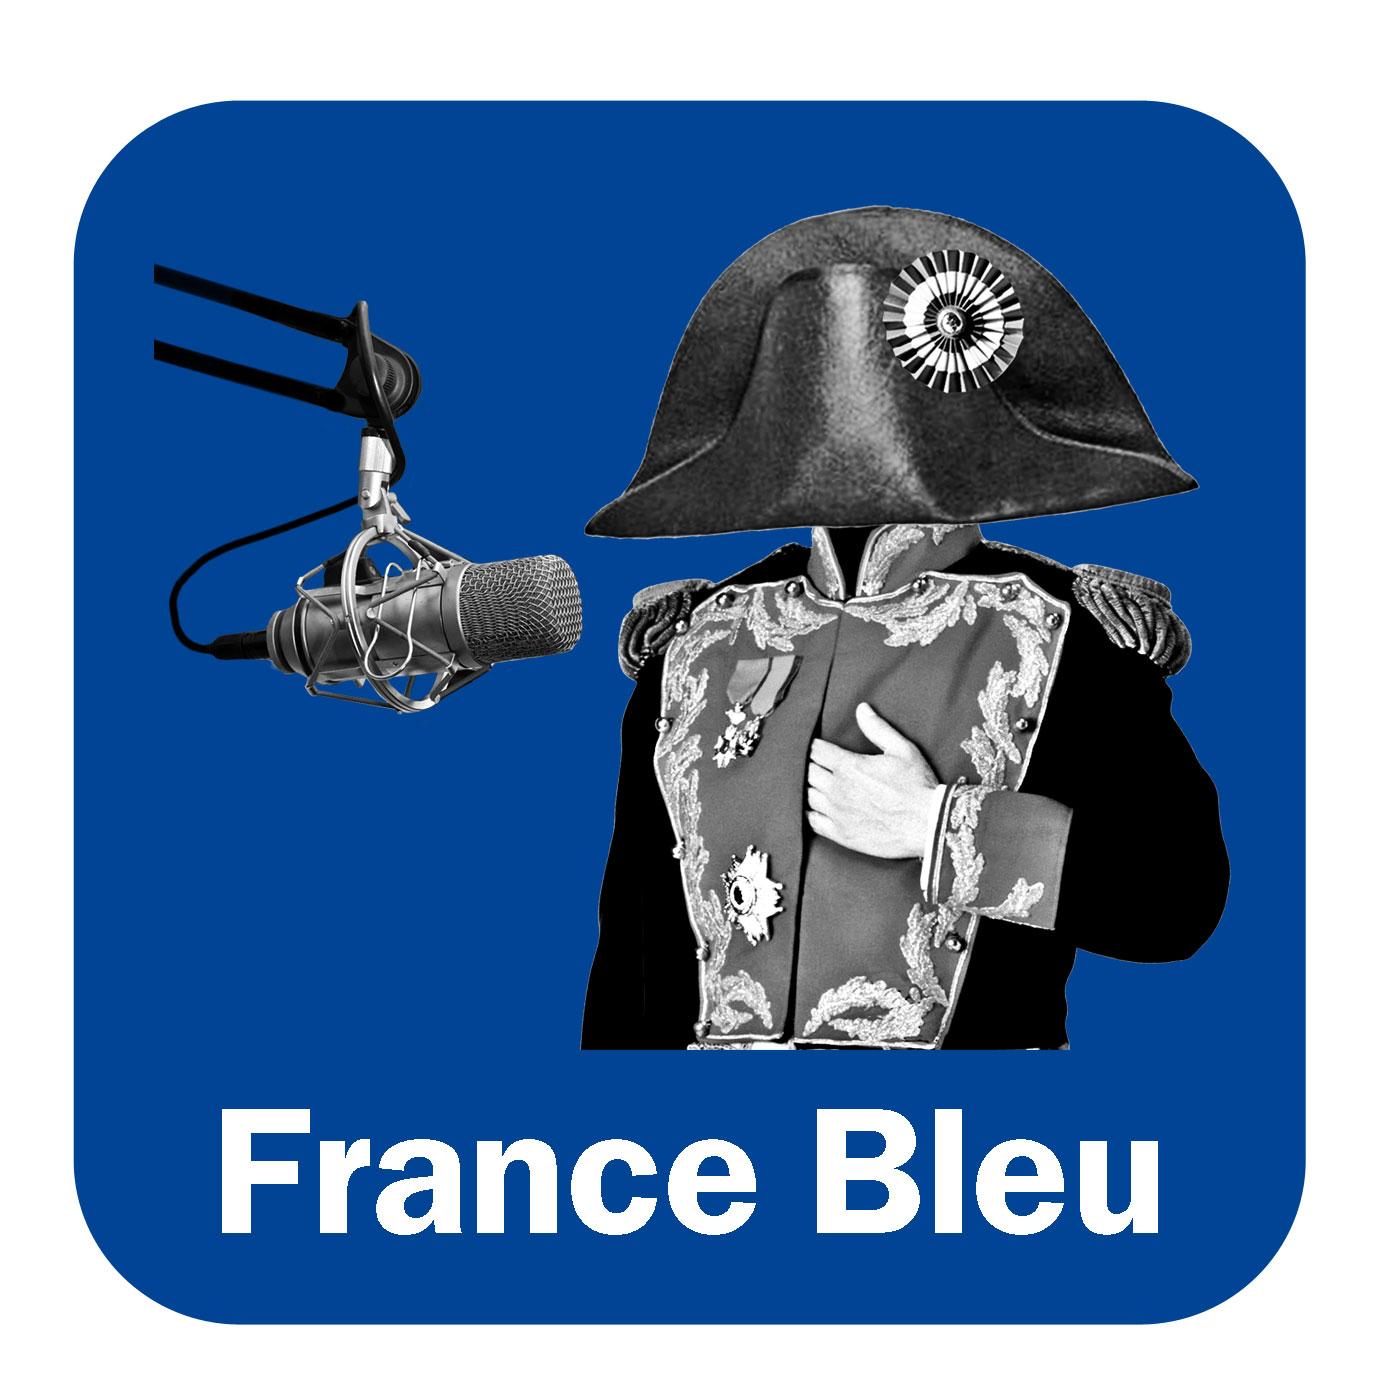 A côté de la plaque France Bleu Touraine